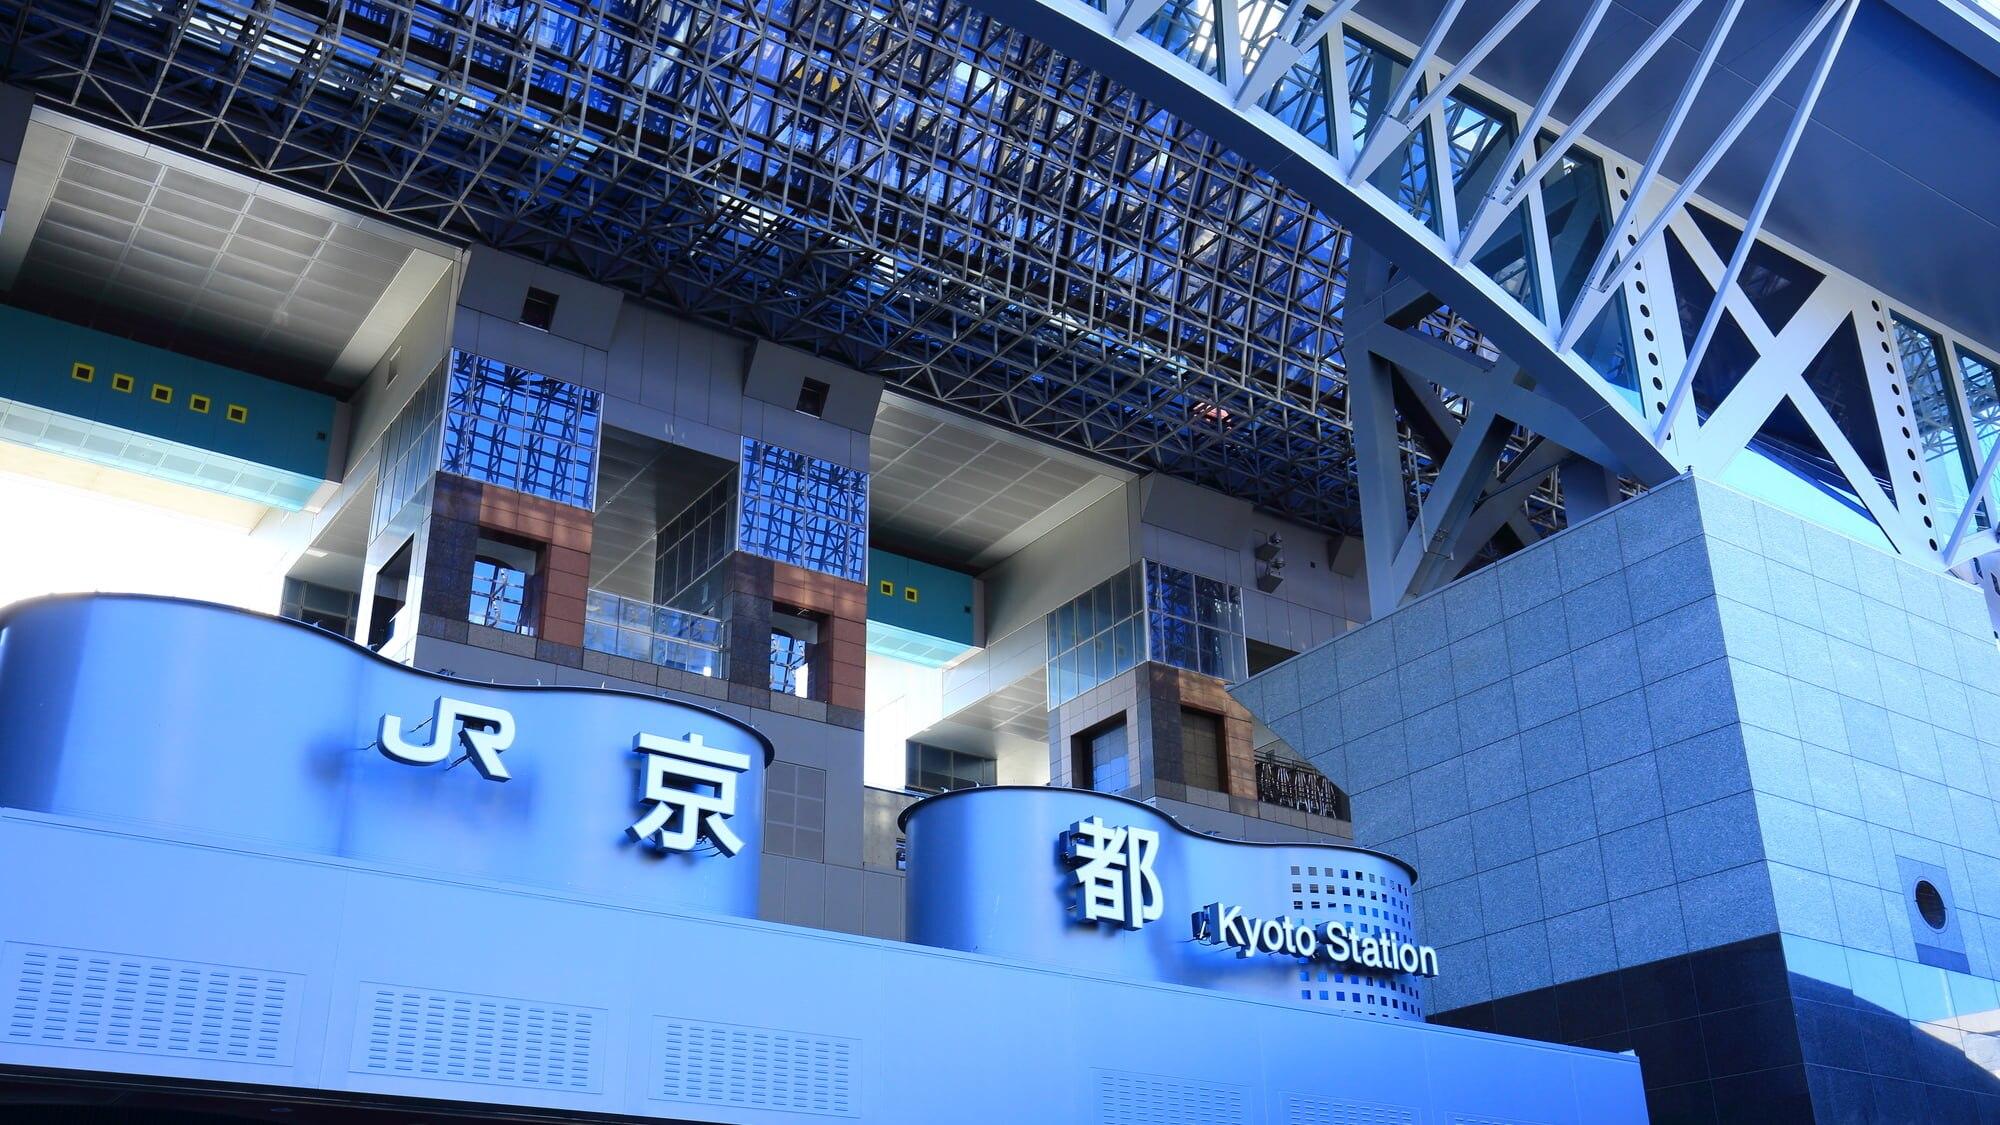 デザイン空間が魅力の京都駅ビルで観光・文化・ショッピング・グルメを満喫